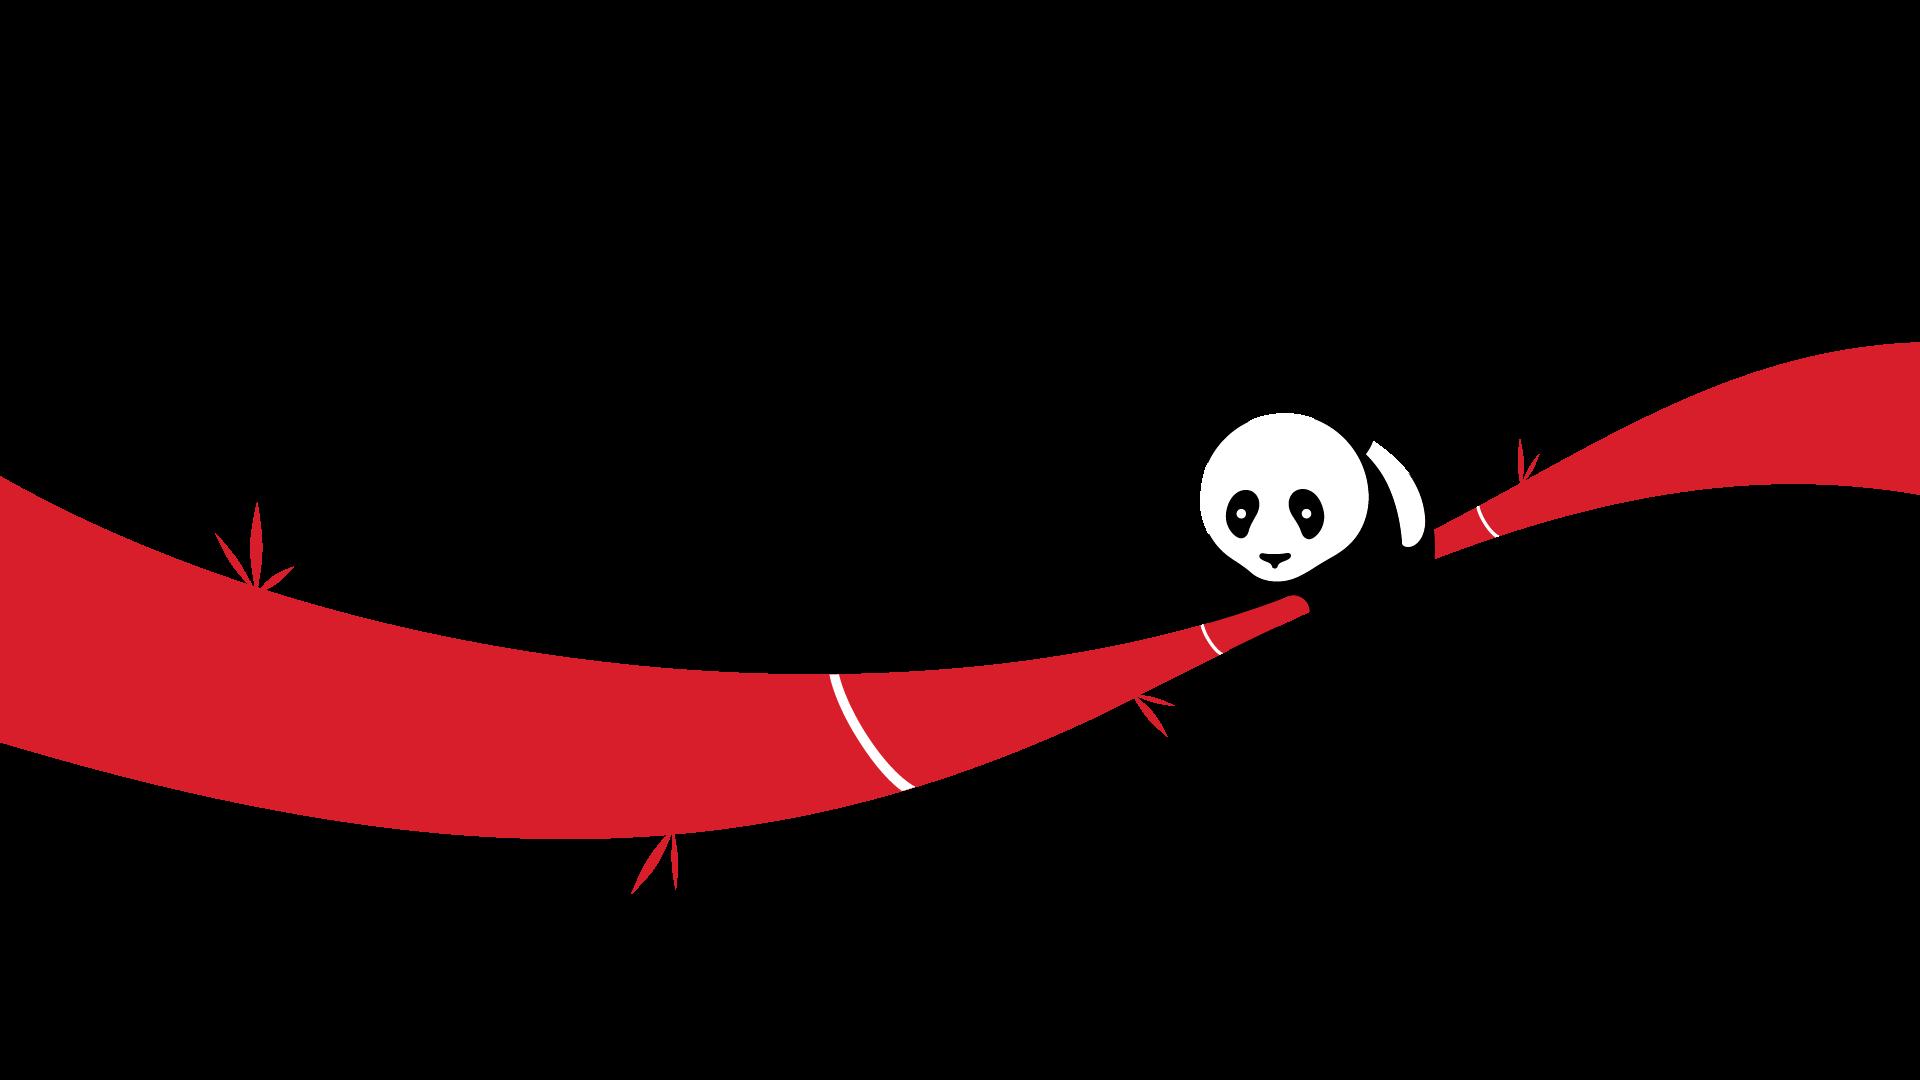 Panda_Sketch_1.7-20